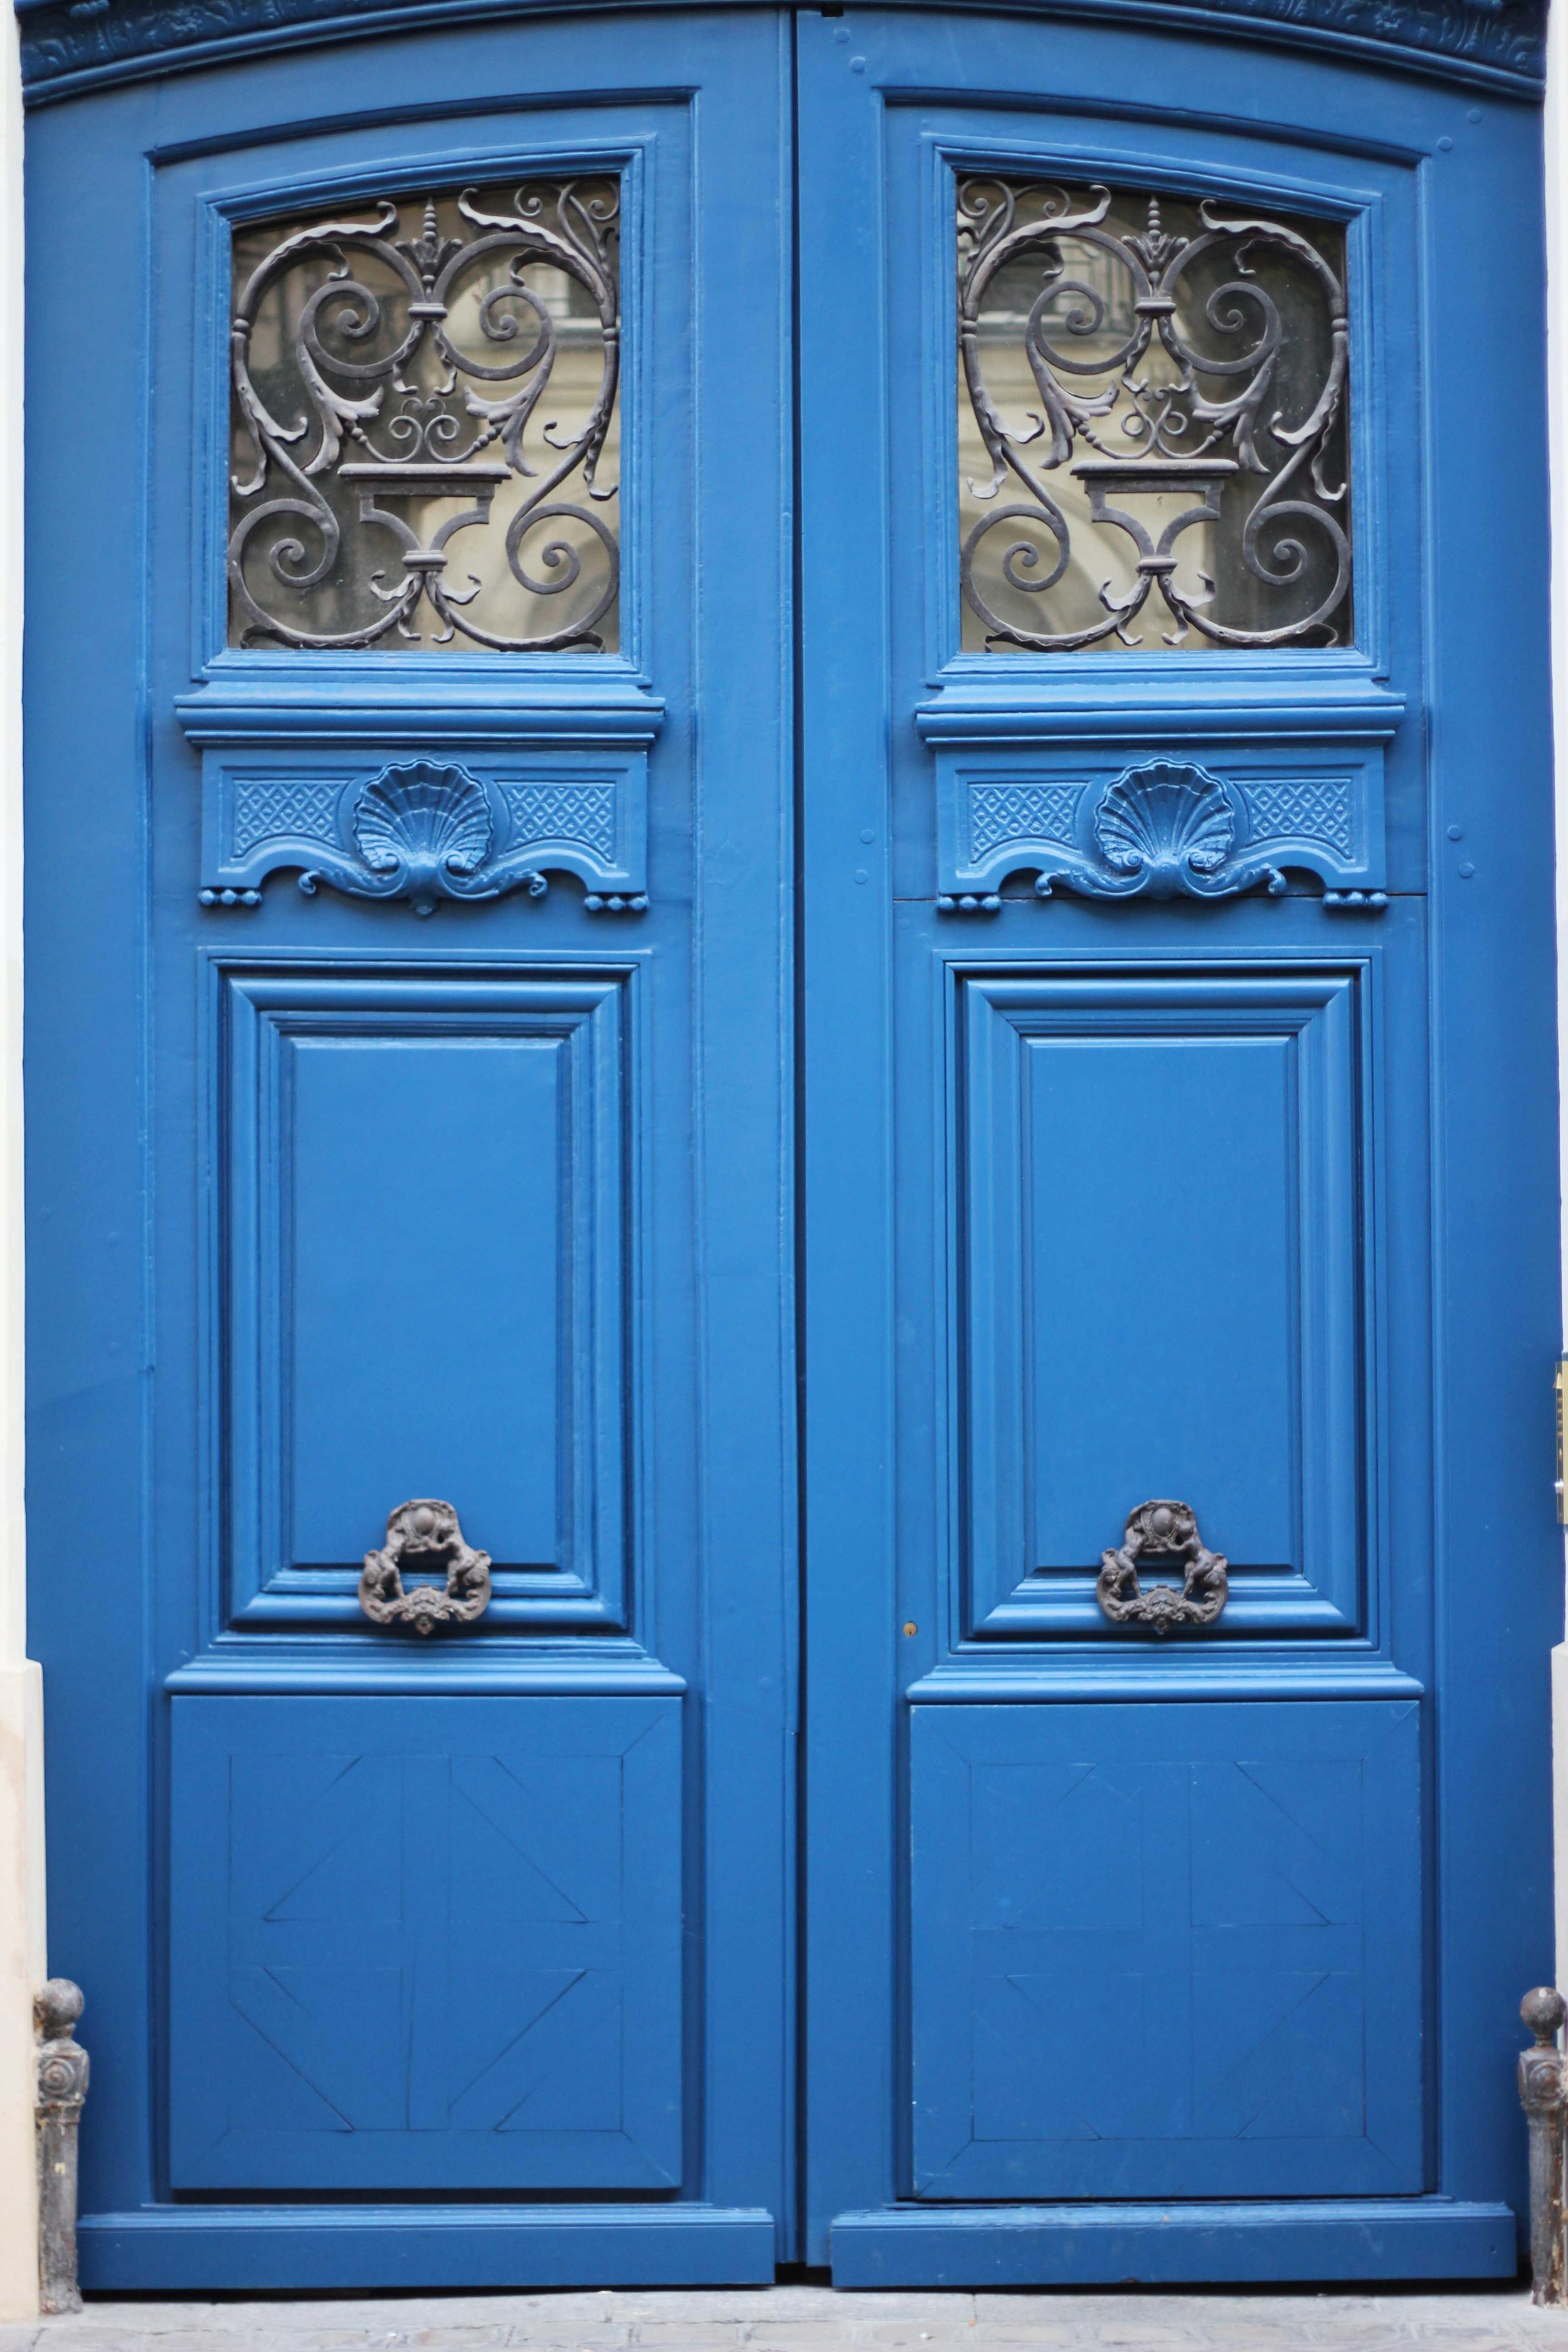 paris_blue_doors_france